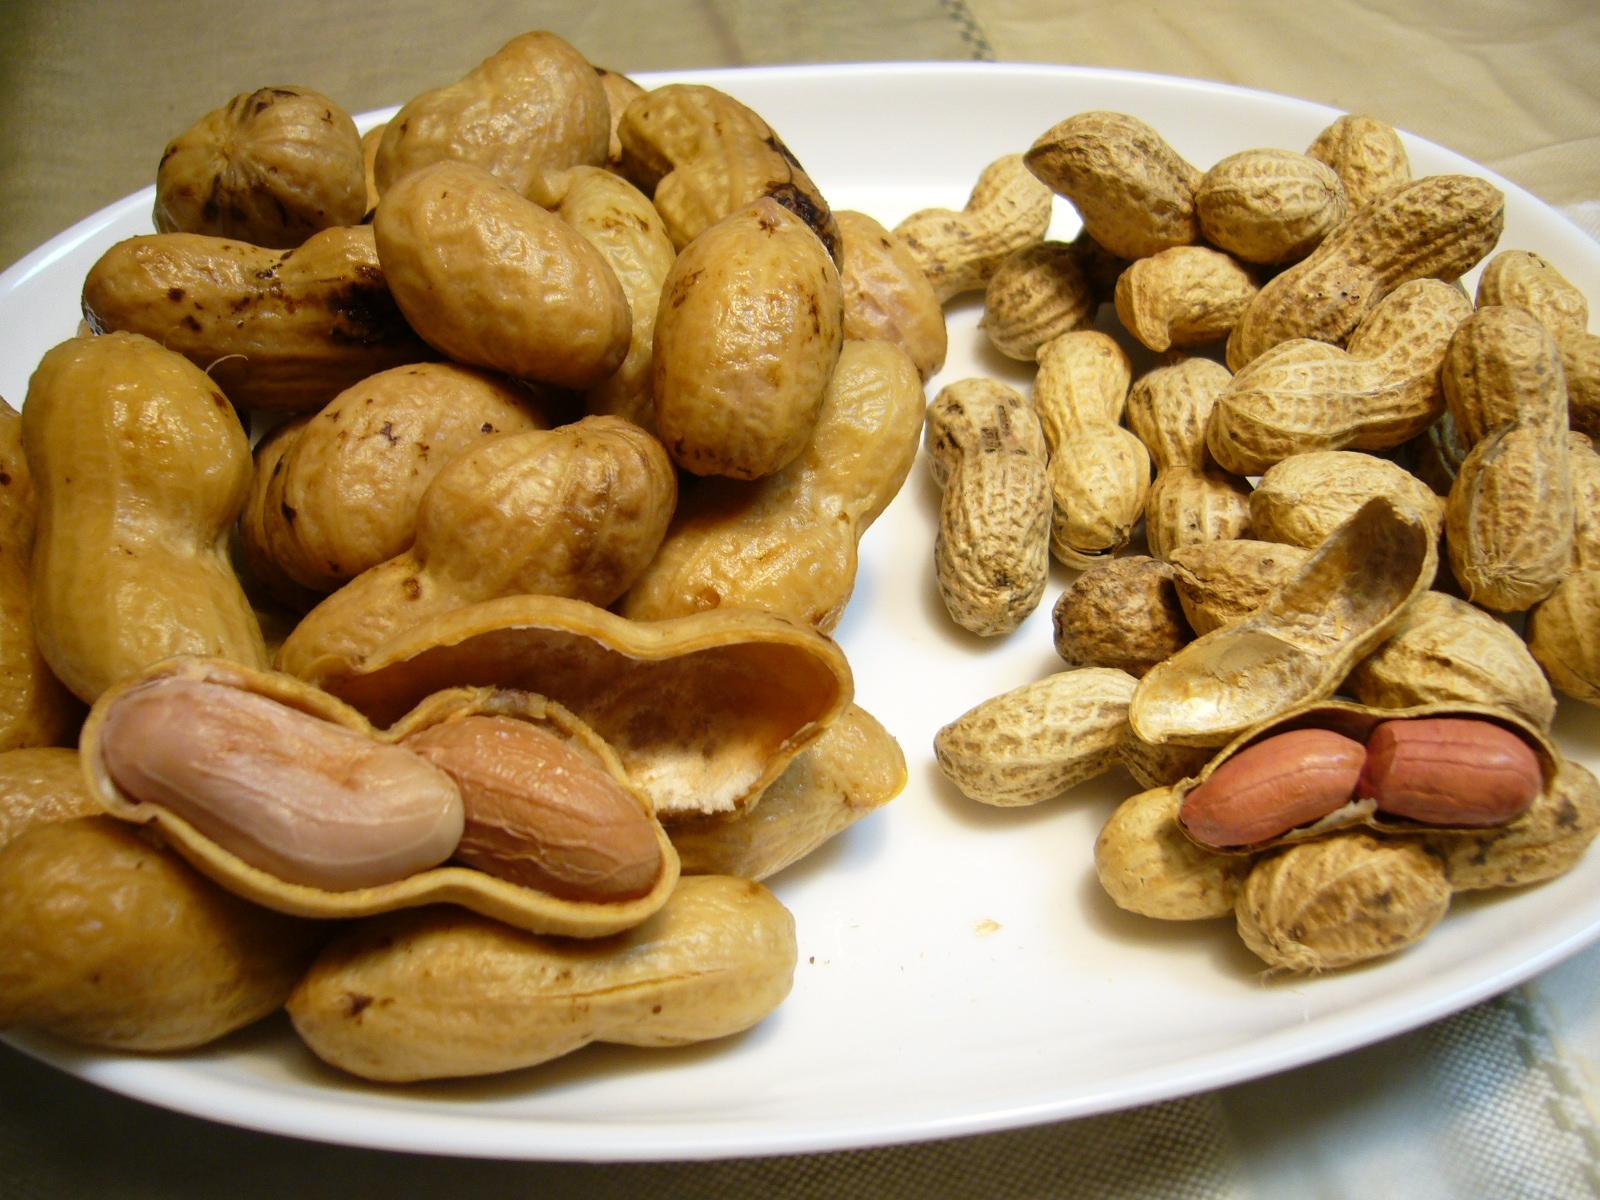 Jong pinda's eten voorkomt allergie